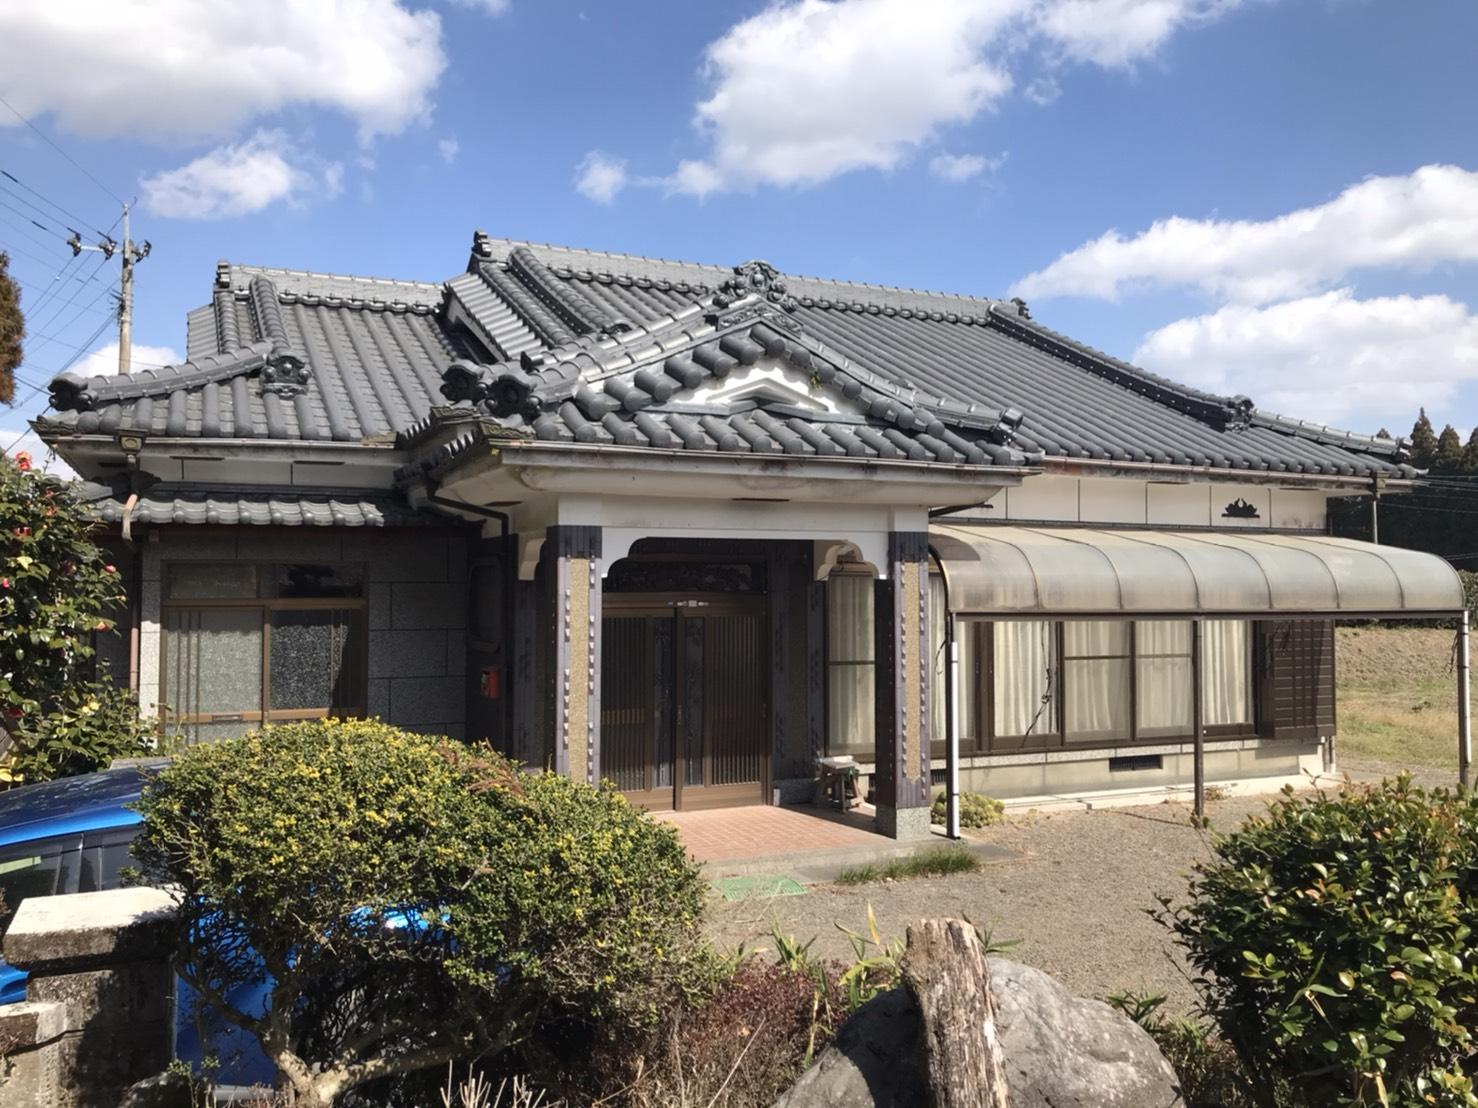 価格600万円 鹿児島県曽於市財部町北俣 5DK 中古一戸建て住宅